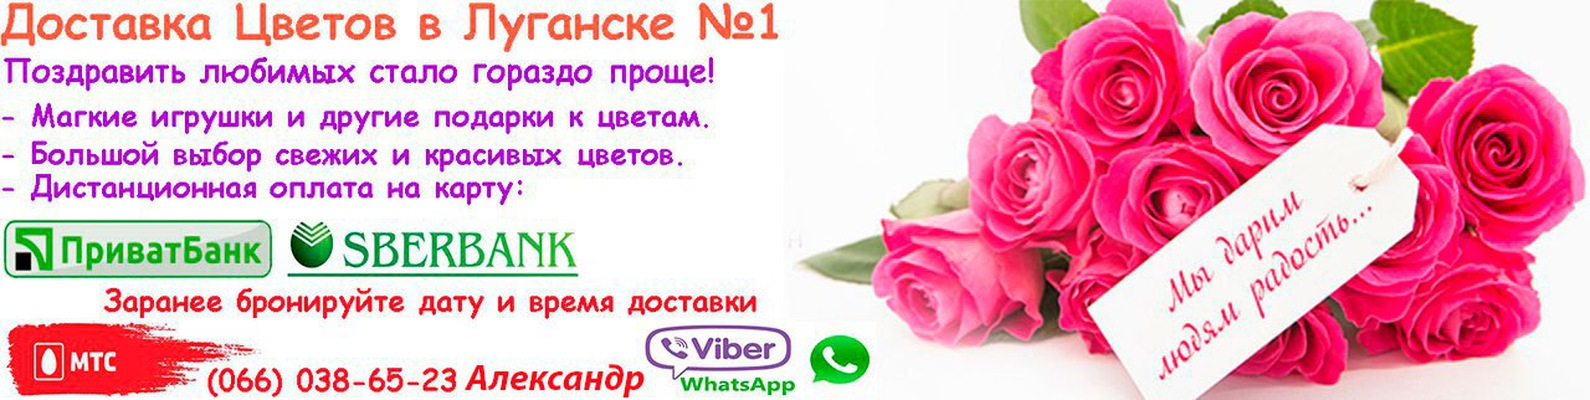 Луганск доставка цветов дешево киев, доставке